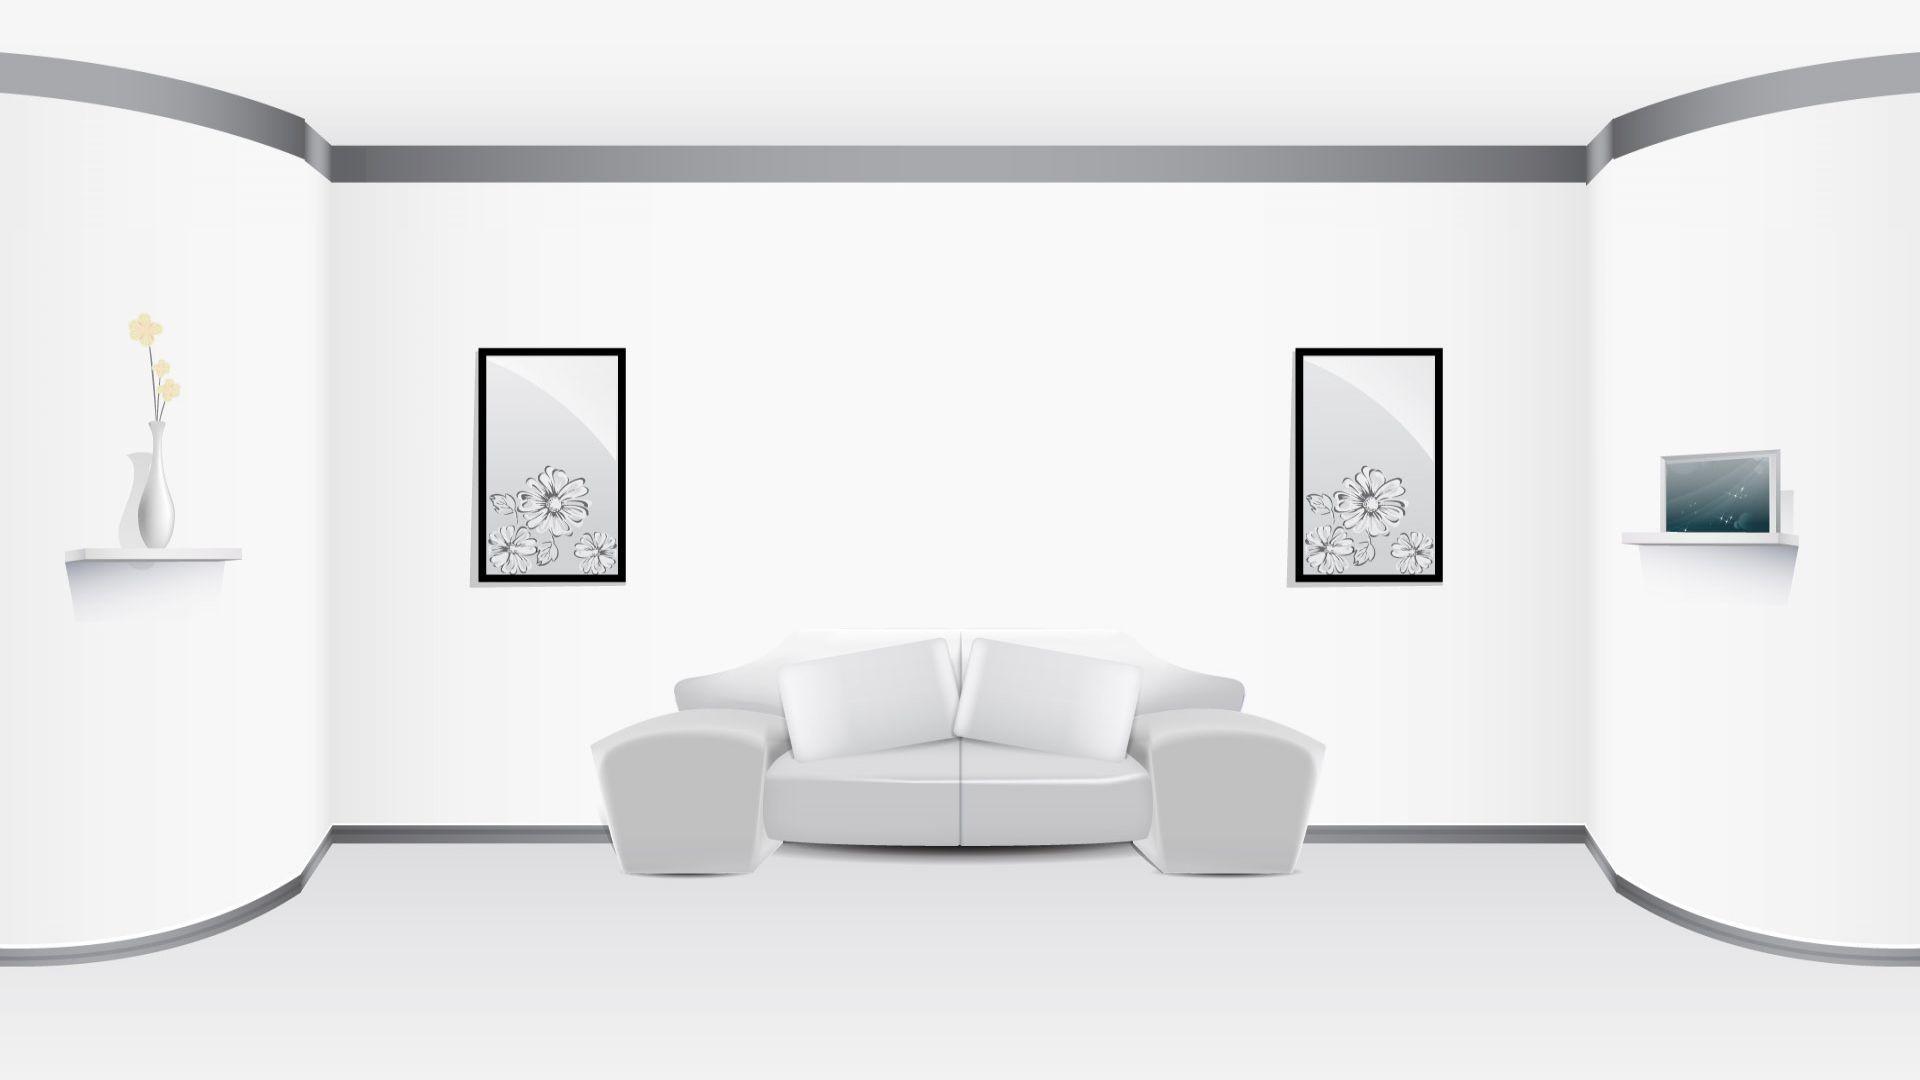 Movie room wallpaper wallpapersafari for White wallpaper room